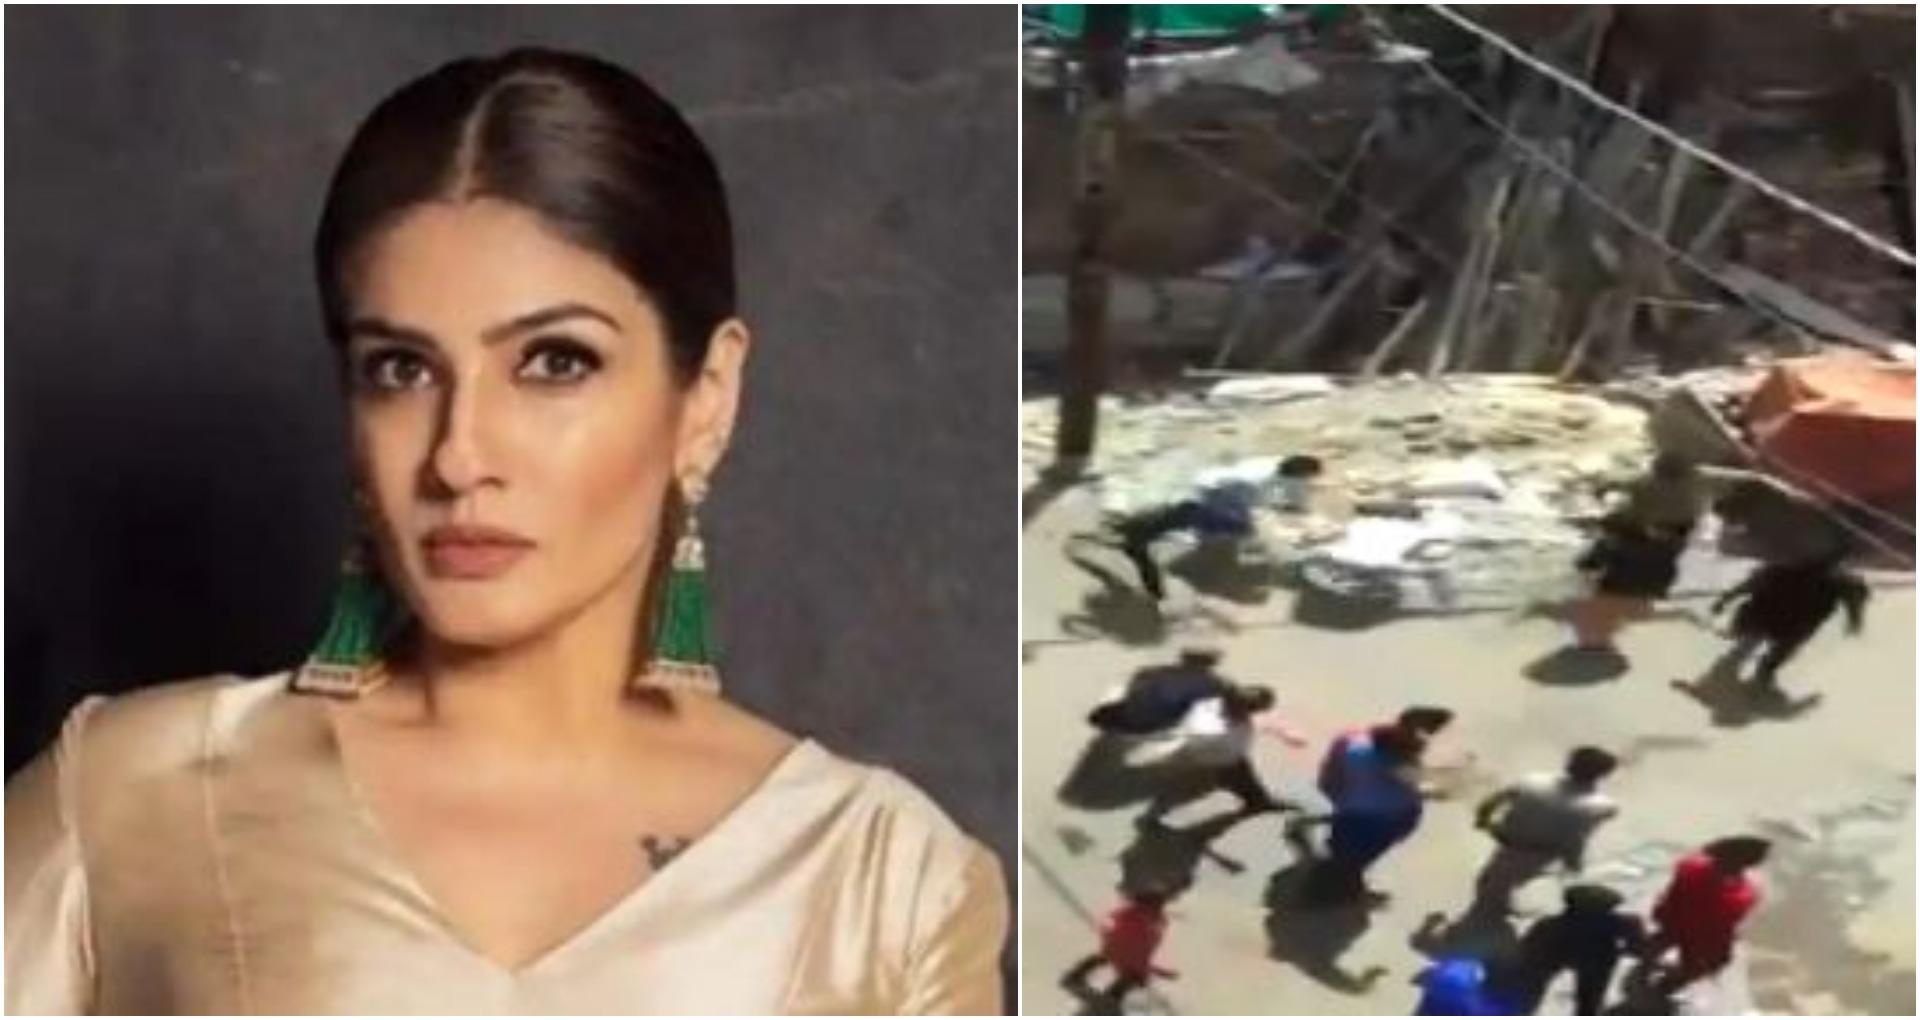 Indore Viral Video: इंदौर में डॉक्टर की टीम पर हुआ हमला, रवीना टंडन ने कहा- इन बर्बर लोगों से बदले…